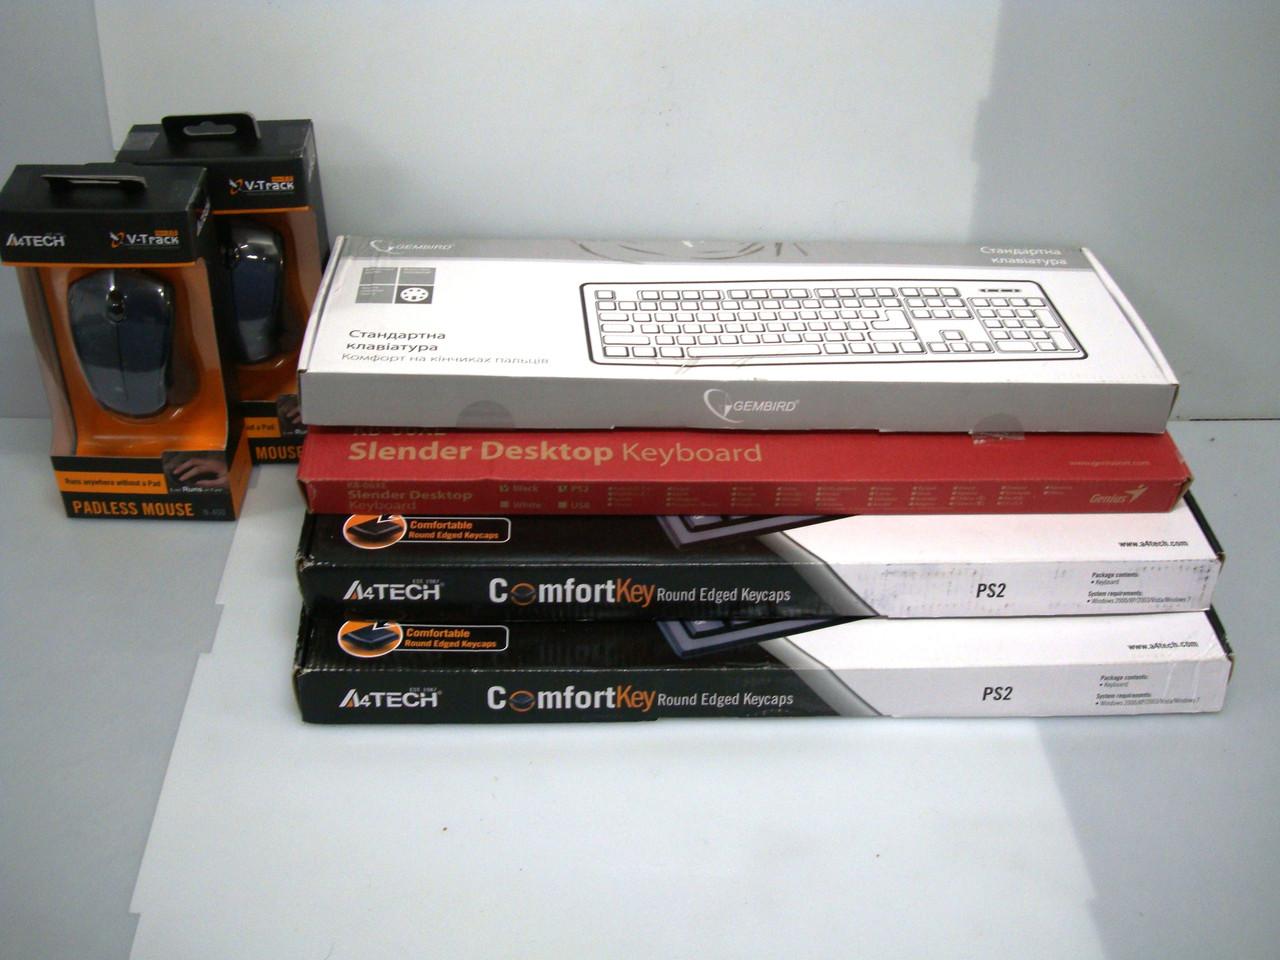 Клавиатуры и мыши одним комплектом: Gembird KB-103, Real-El Standard 500, A4TECH KR-85